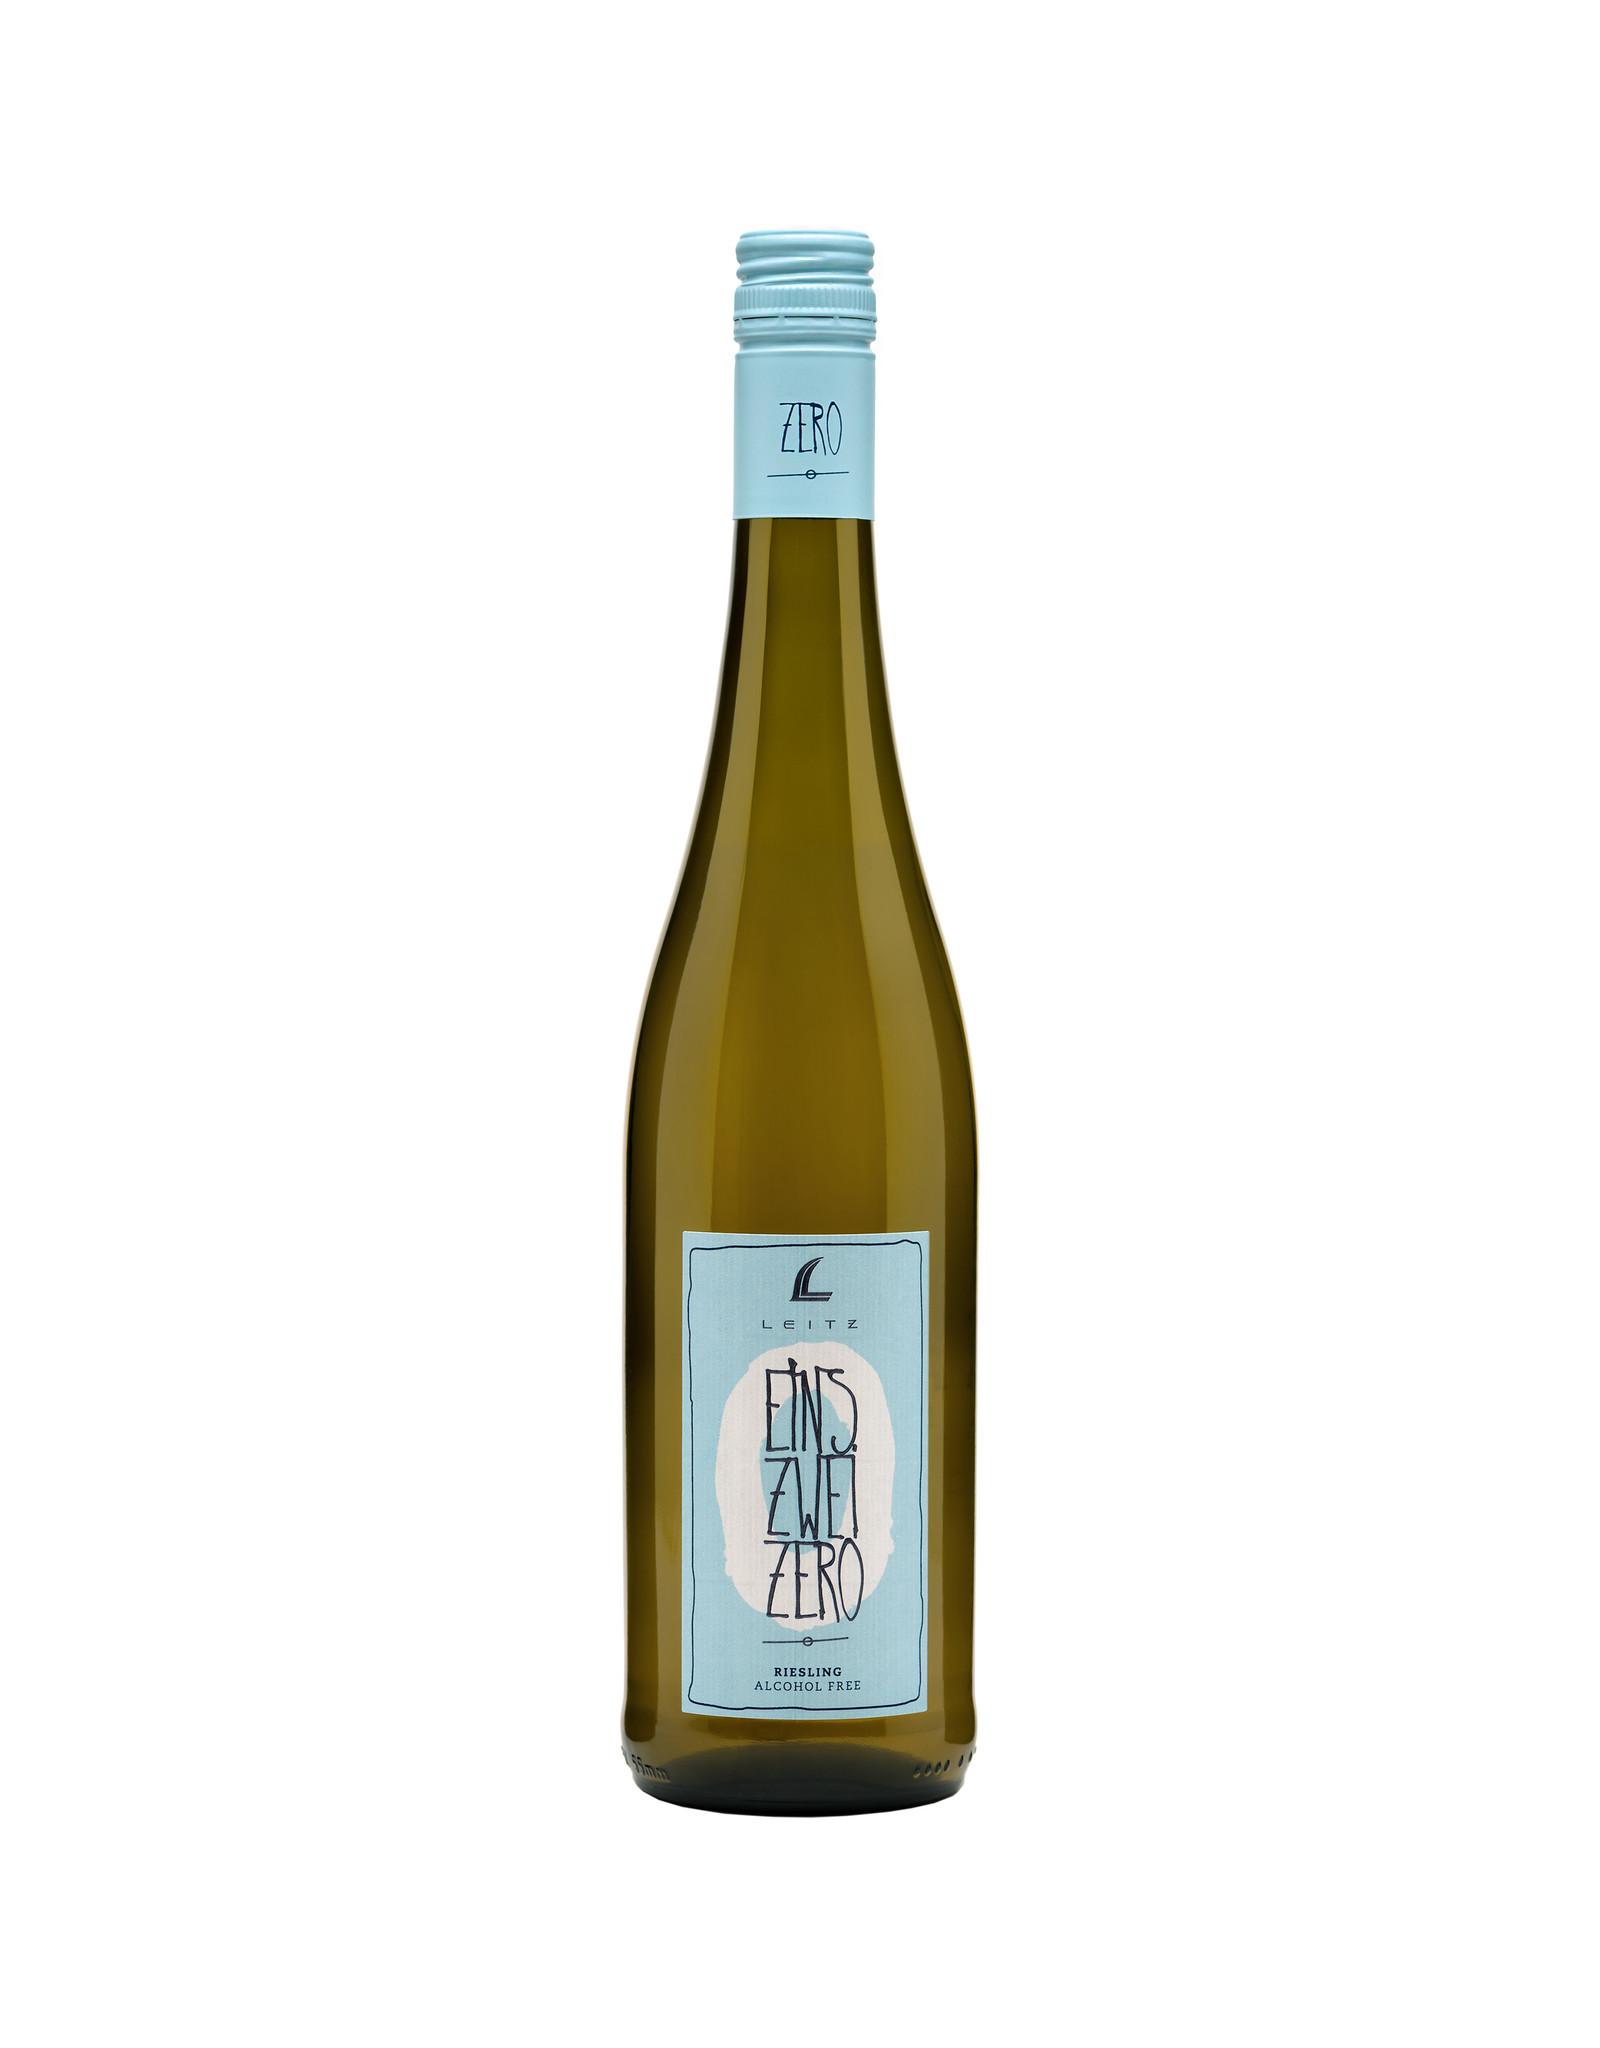 Weingut Leitz Eins-Zwei-Zero Riesling